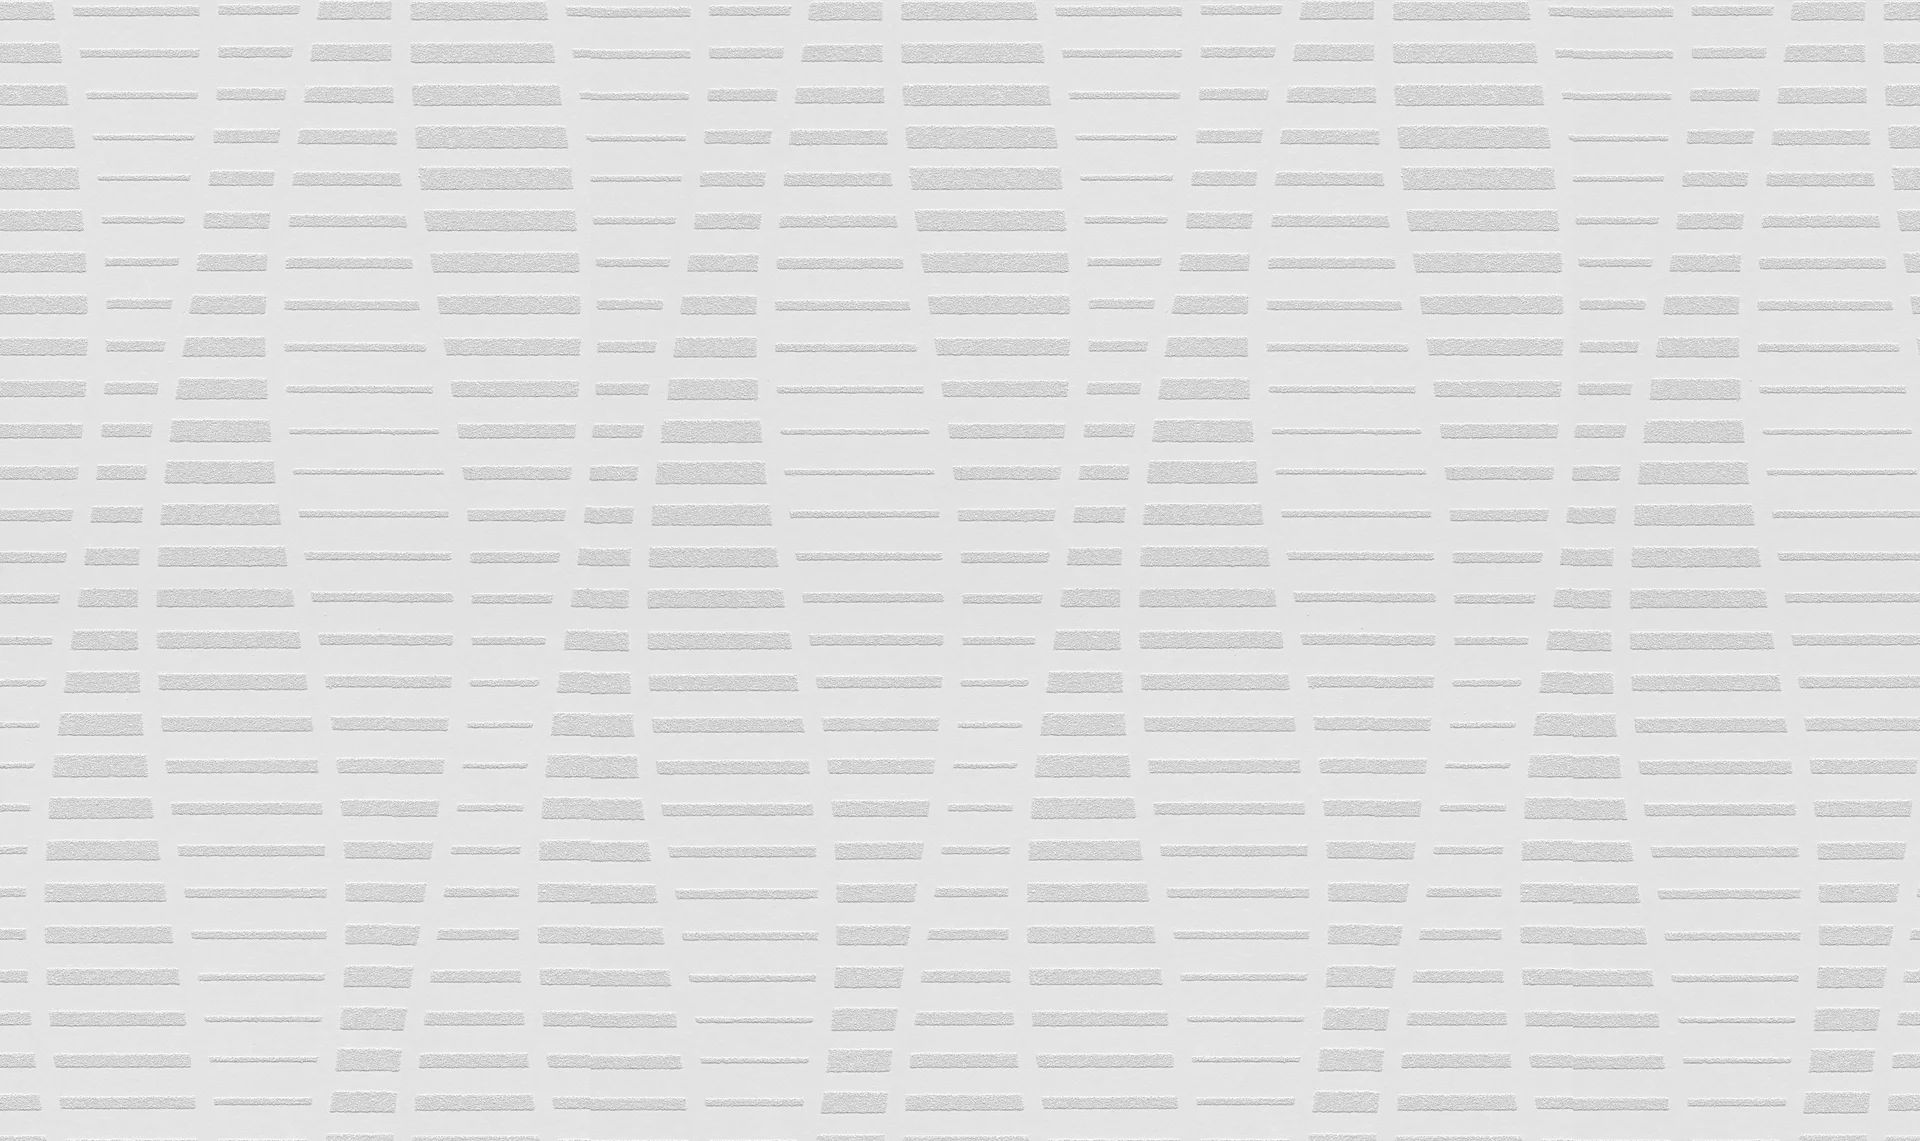 papier peint intisse 200g m horizontal largeur 106 cm blanc a peindre